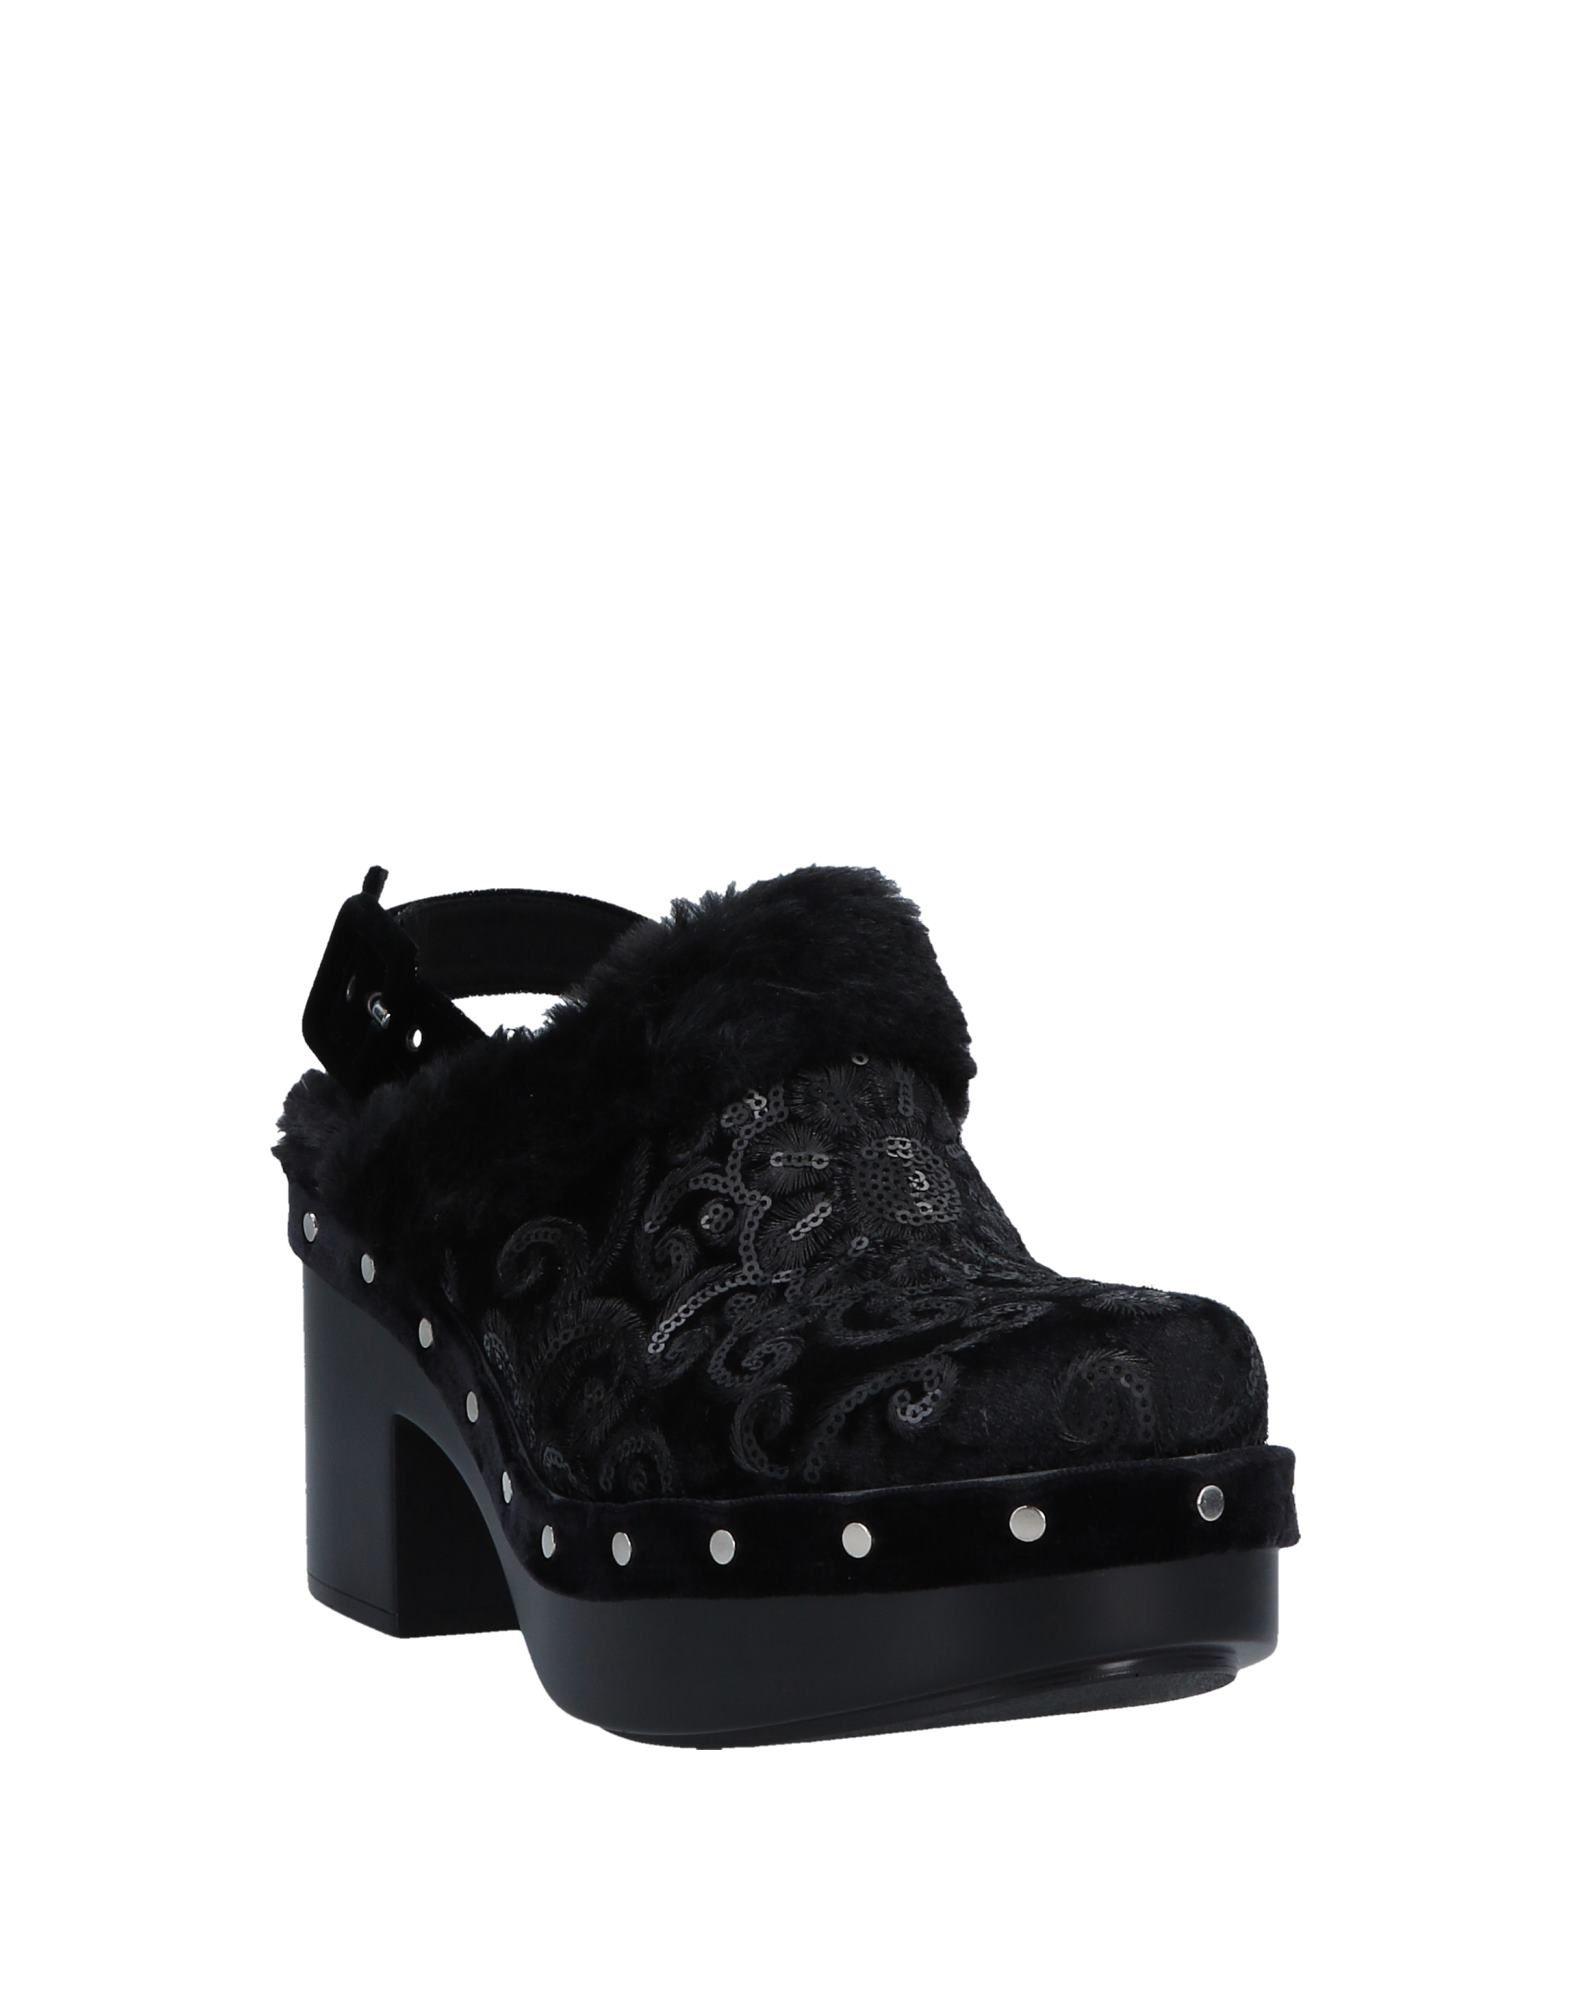 Gut um billige Damen Schuhe zu tragenJeannot Pantoletten Damen billige  11561852FN 26e15b